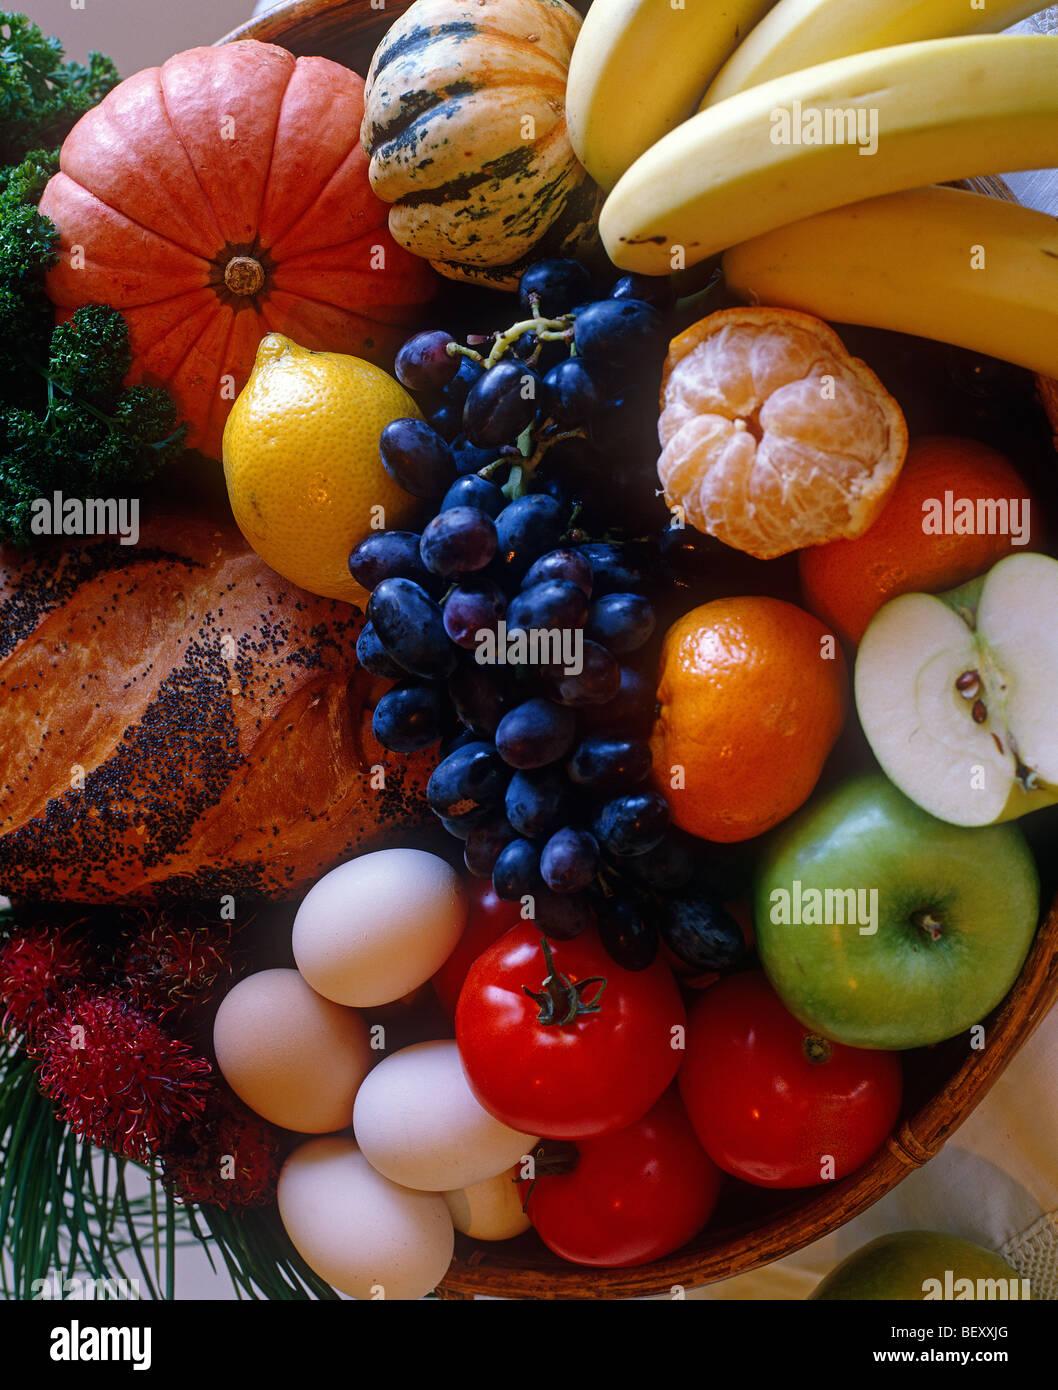 Los bodegones de frutas, huevos, calabazas Imagen De Stock